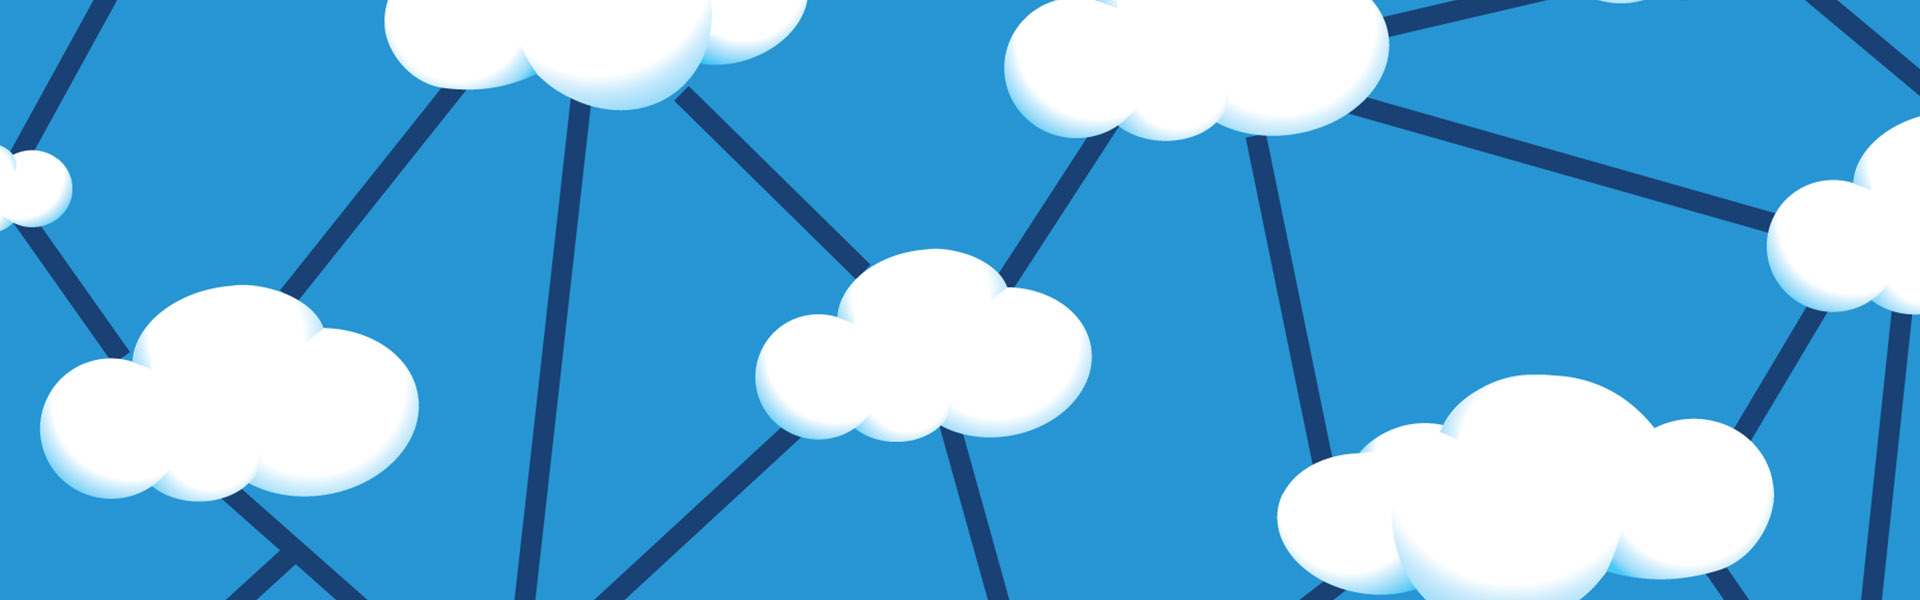 cloud-drive